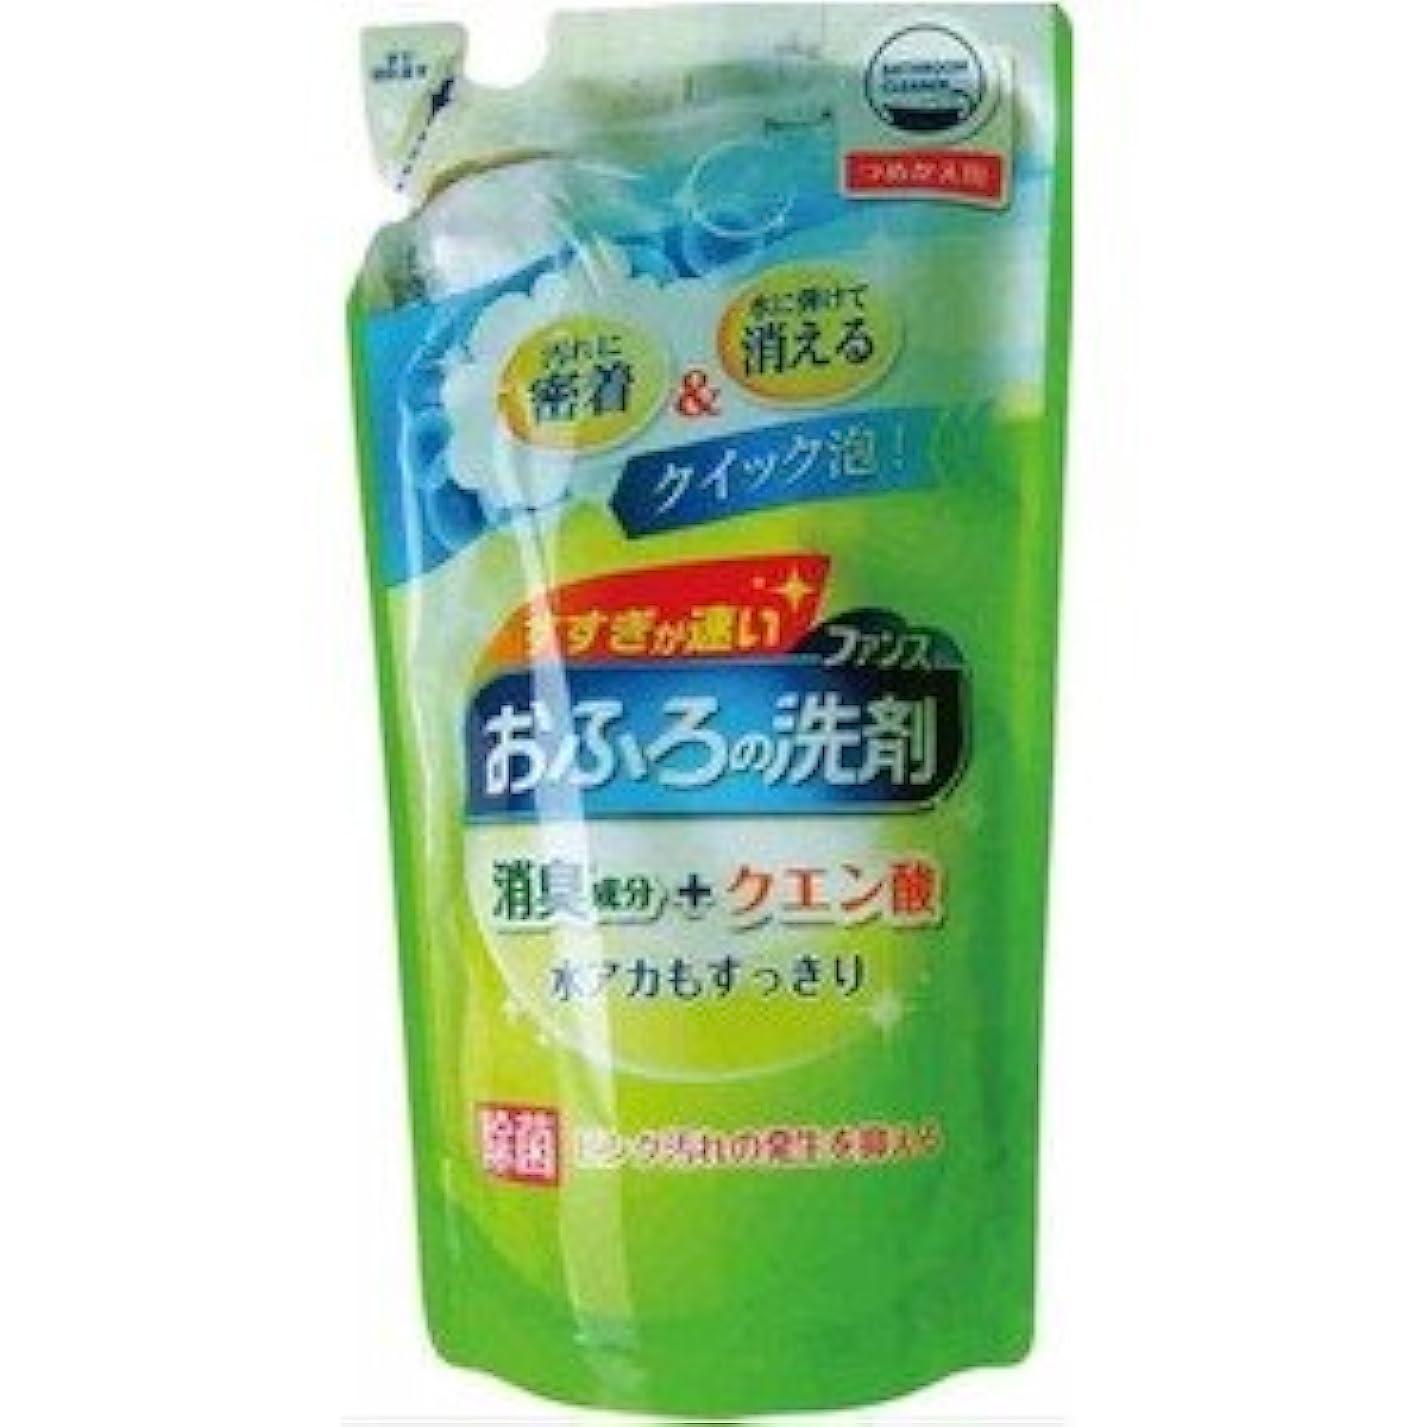 柔らかさチーターキャッシュファンス おふろの洗剤グリーンハーブ詰替用330ml 46-262 【200個セット】